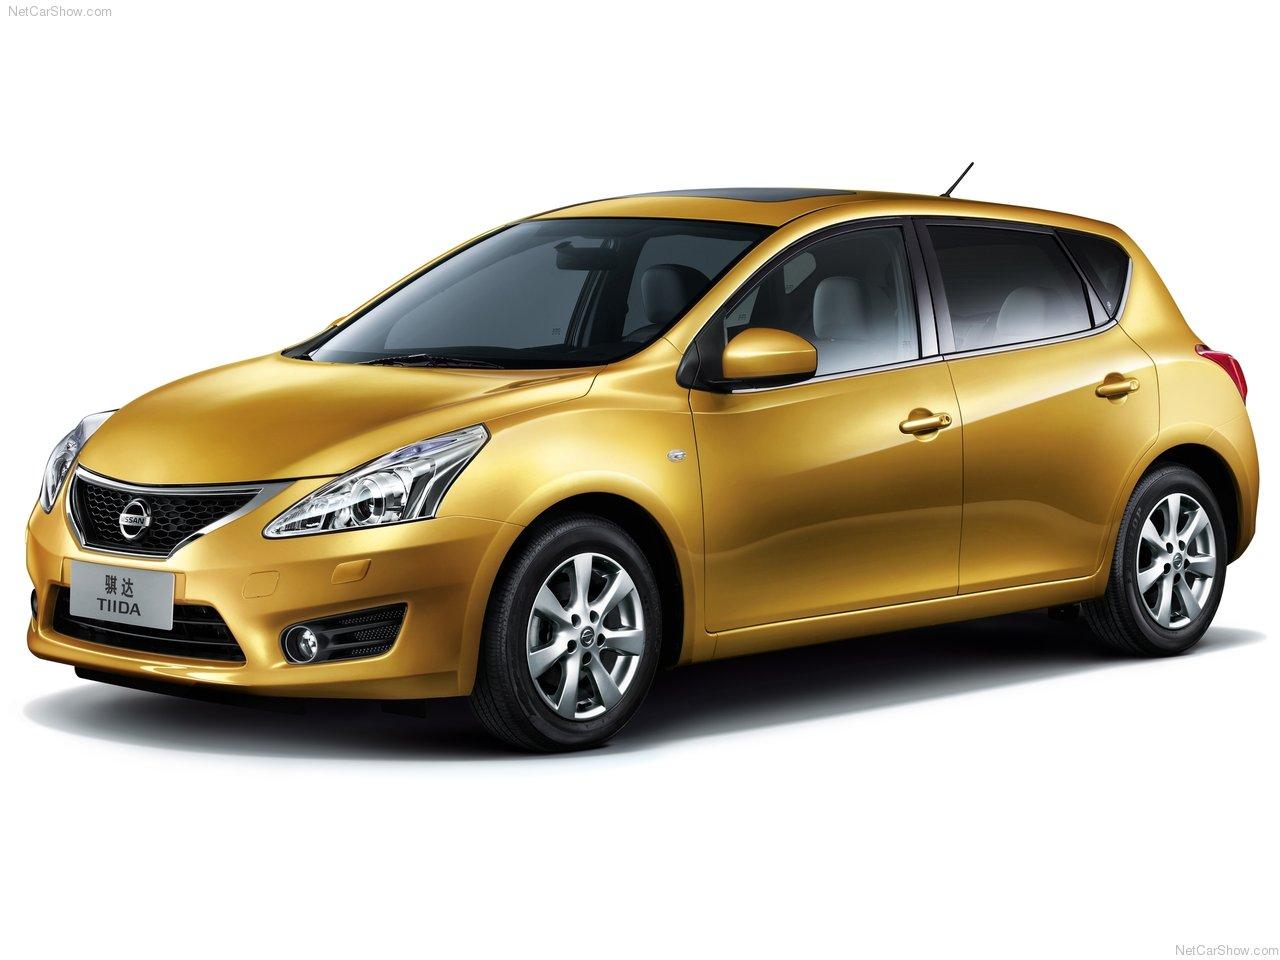 http://1.bp.blogspot.com/-j_PuaizwX8Y/Ta1ZNweSF6I/AAAAAAACM84/-40Dz9rvql4/s1600/Nissan-Tiida_2012_1280x960_wallpaper_01.jpg